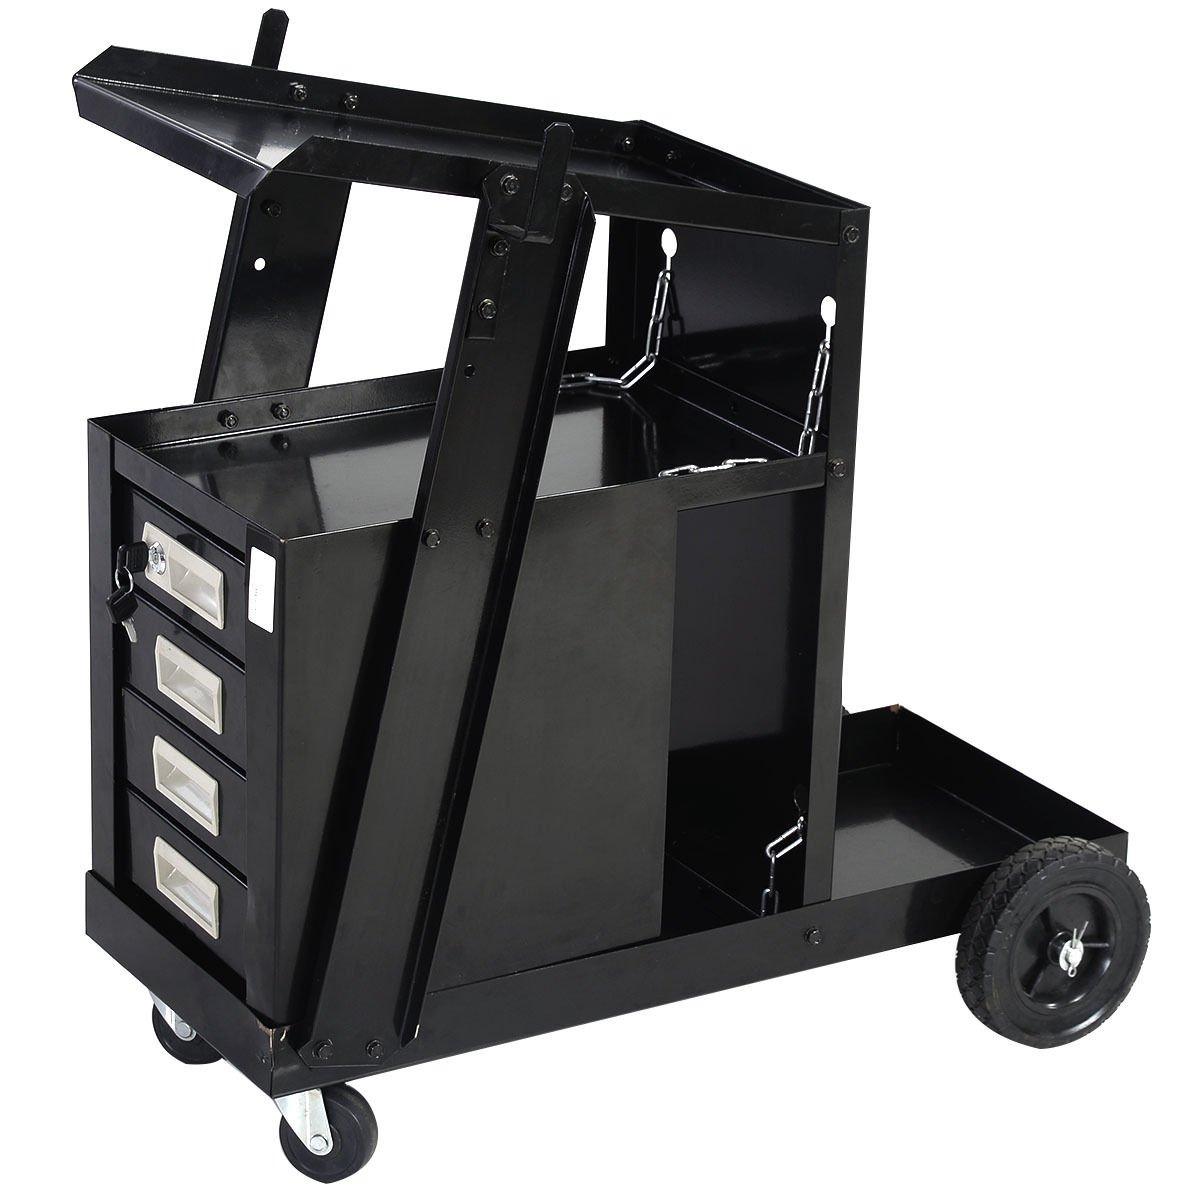 Amazon.com: 4 Drawers Welder Cabinet Cart MIG TIG ARC Welding ...